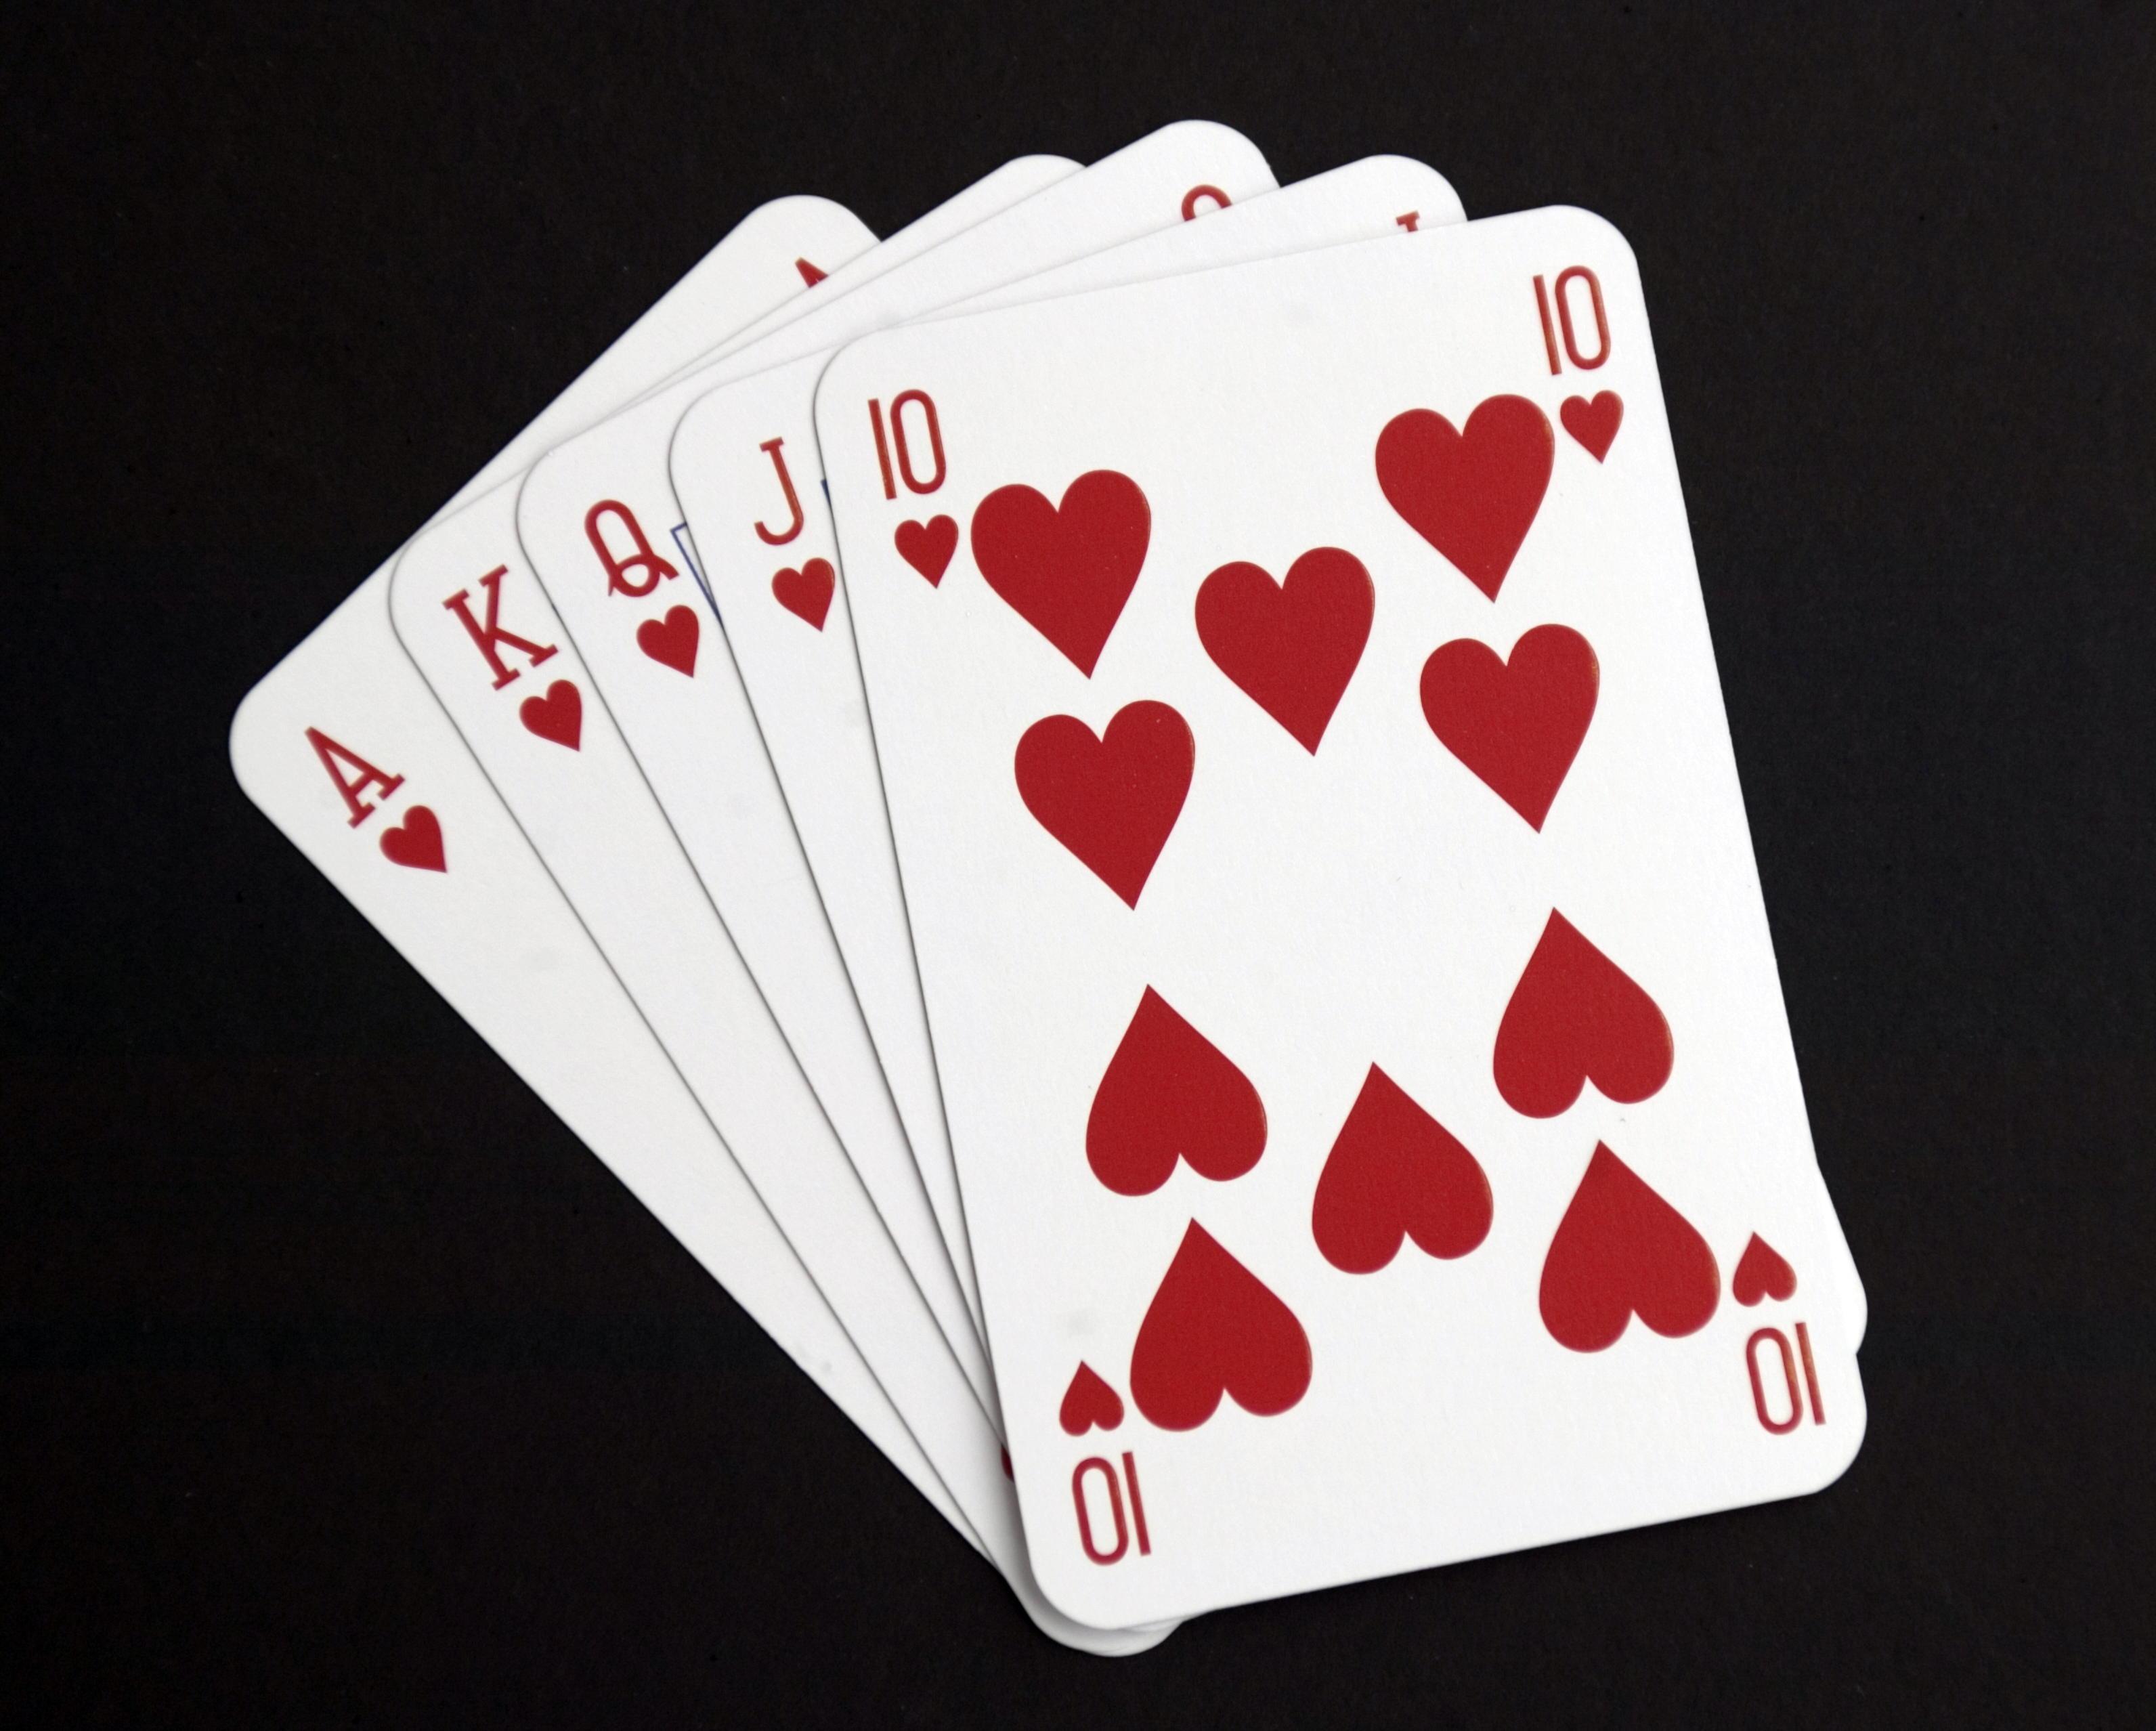 Cheeky Win的欧元680免费赌场锦标赛